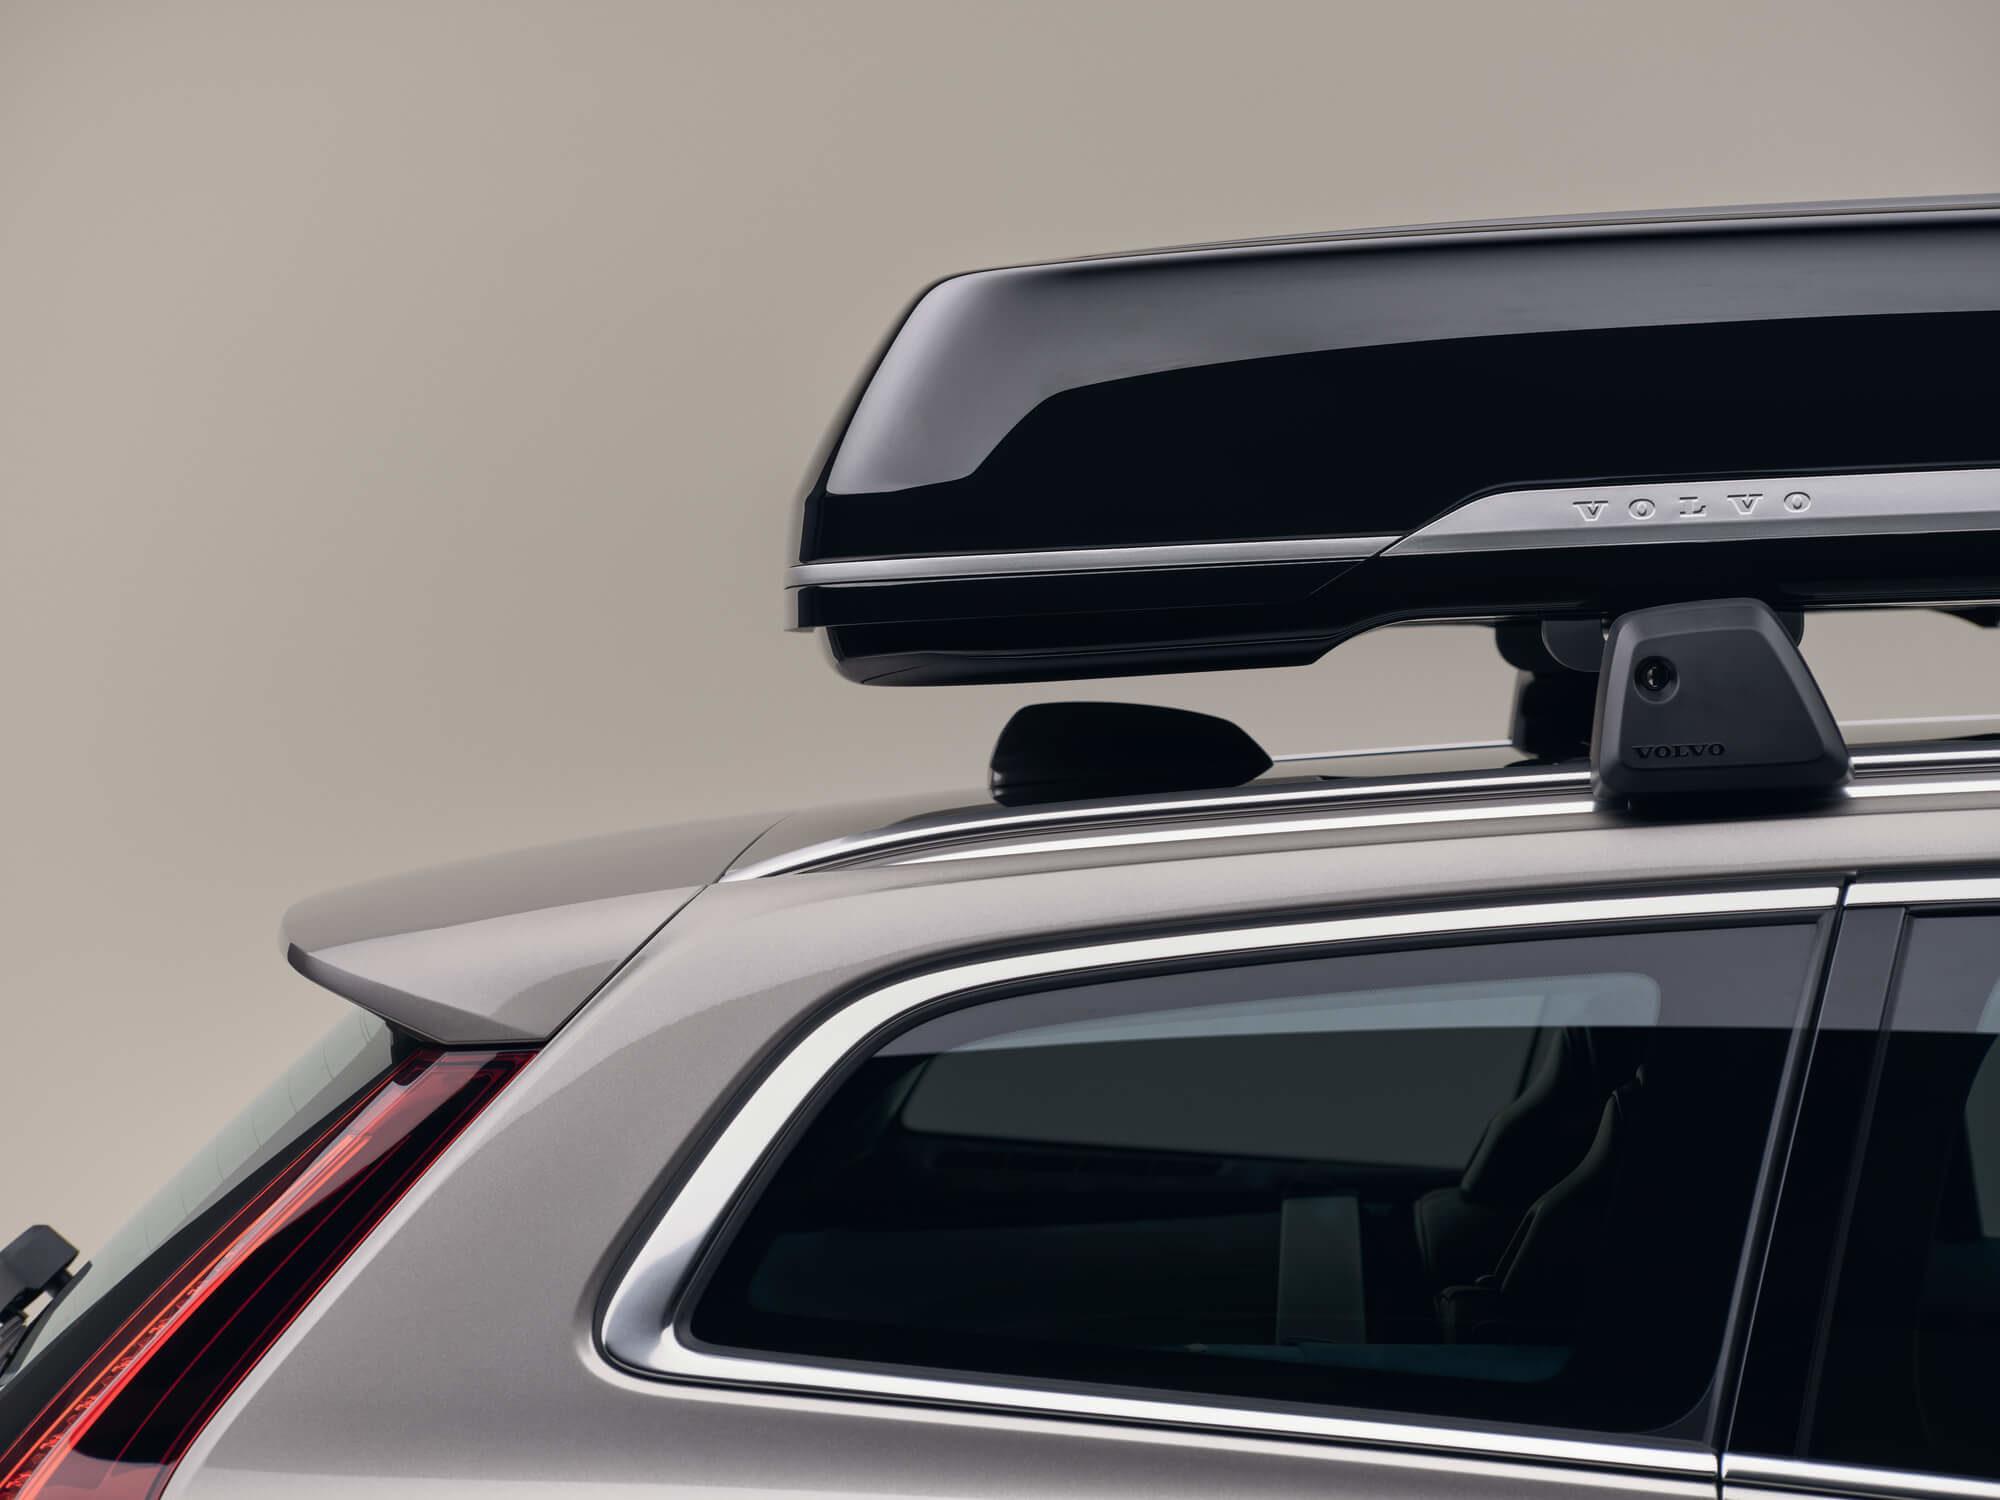 Volvo dakbox